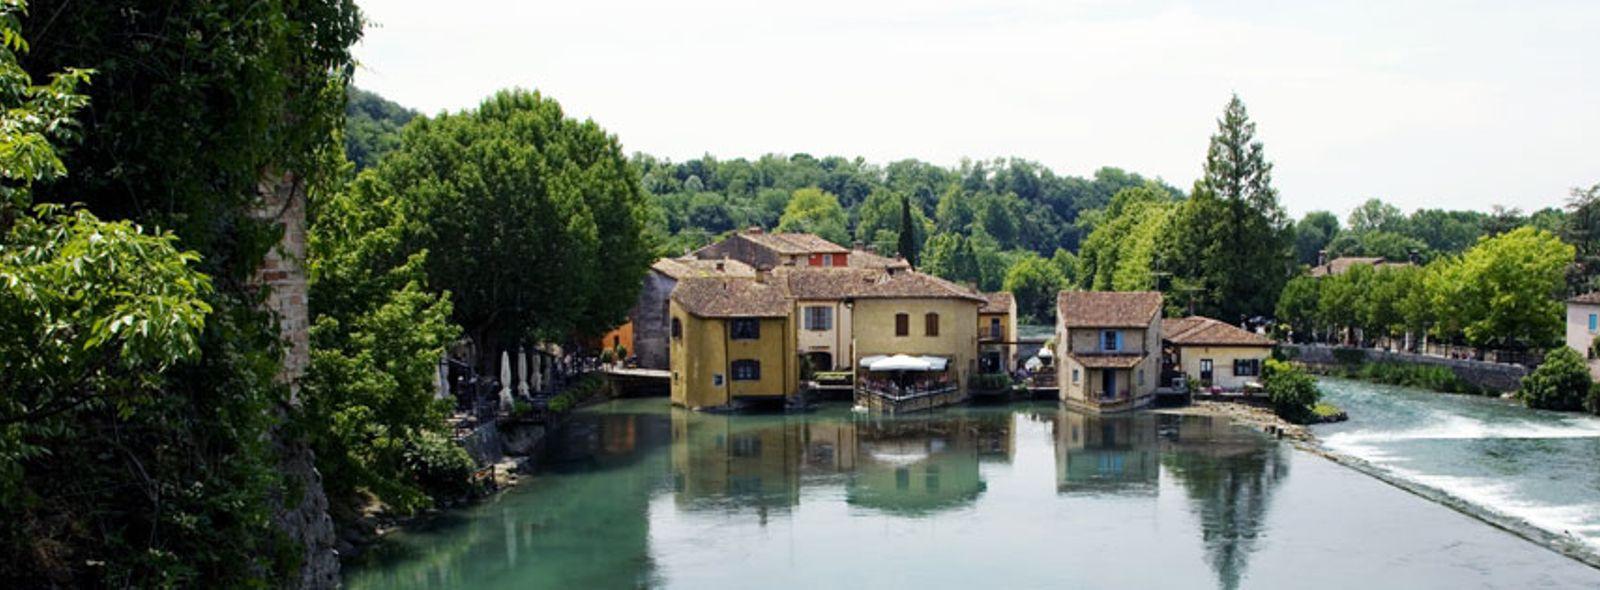 I borghi più belli d'Italia: Veneto